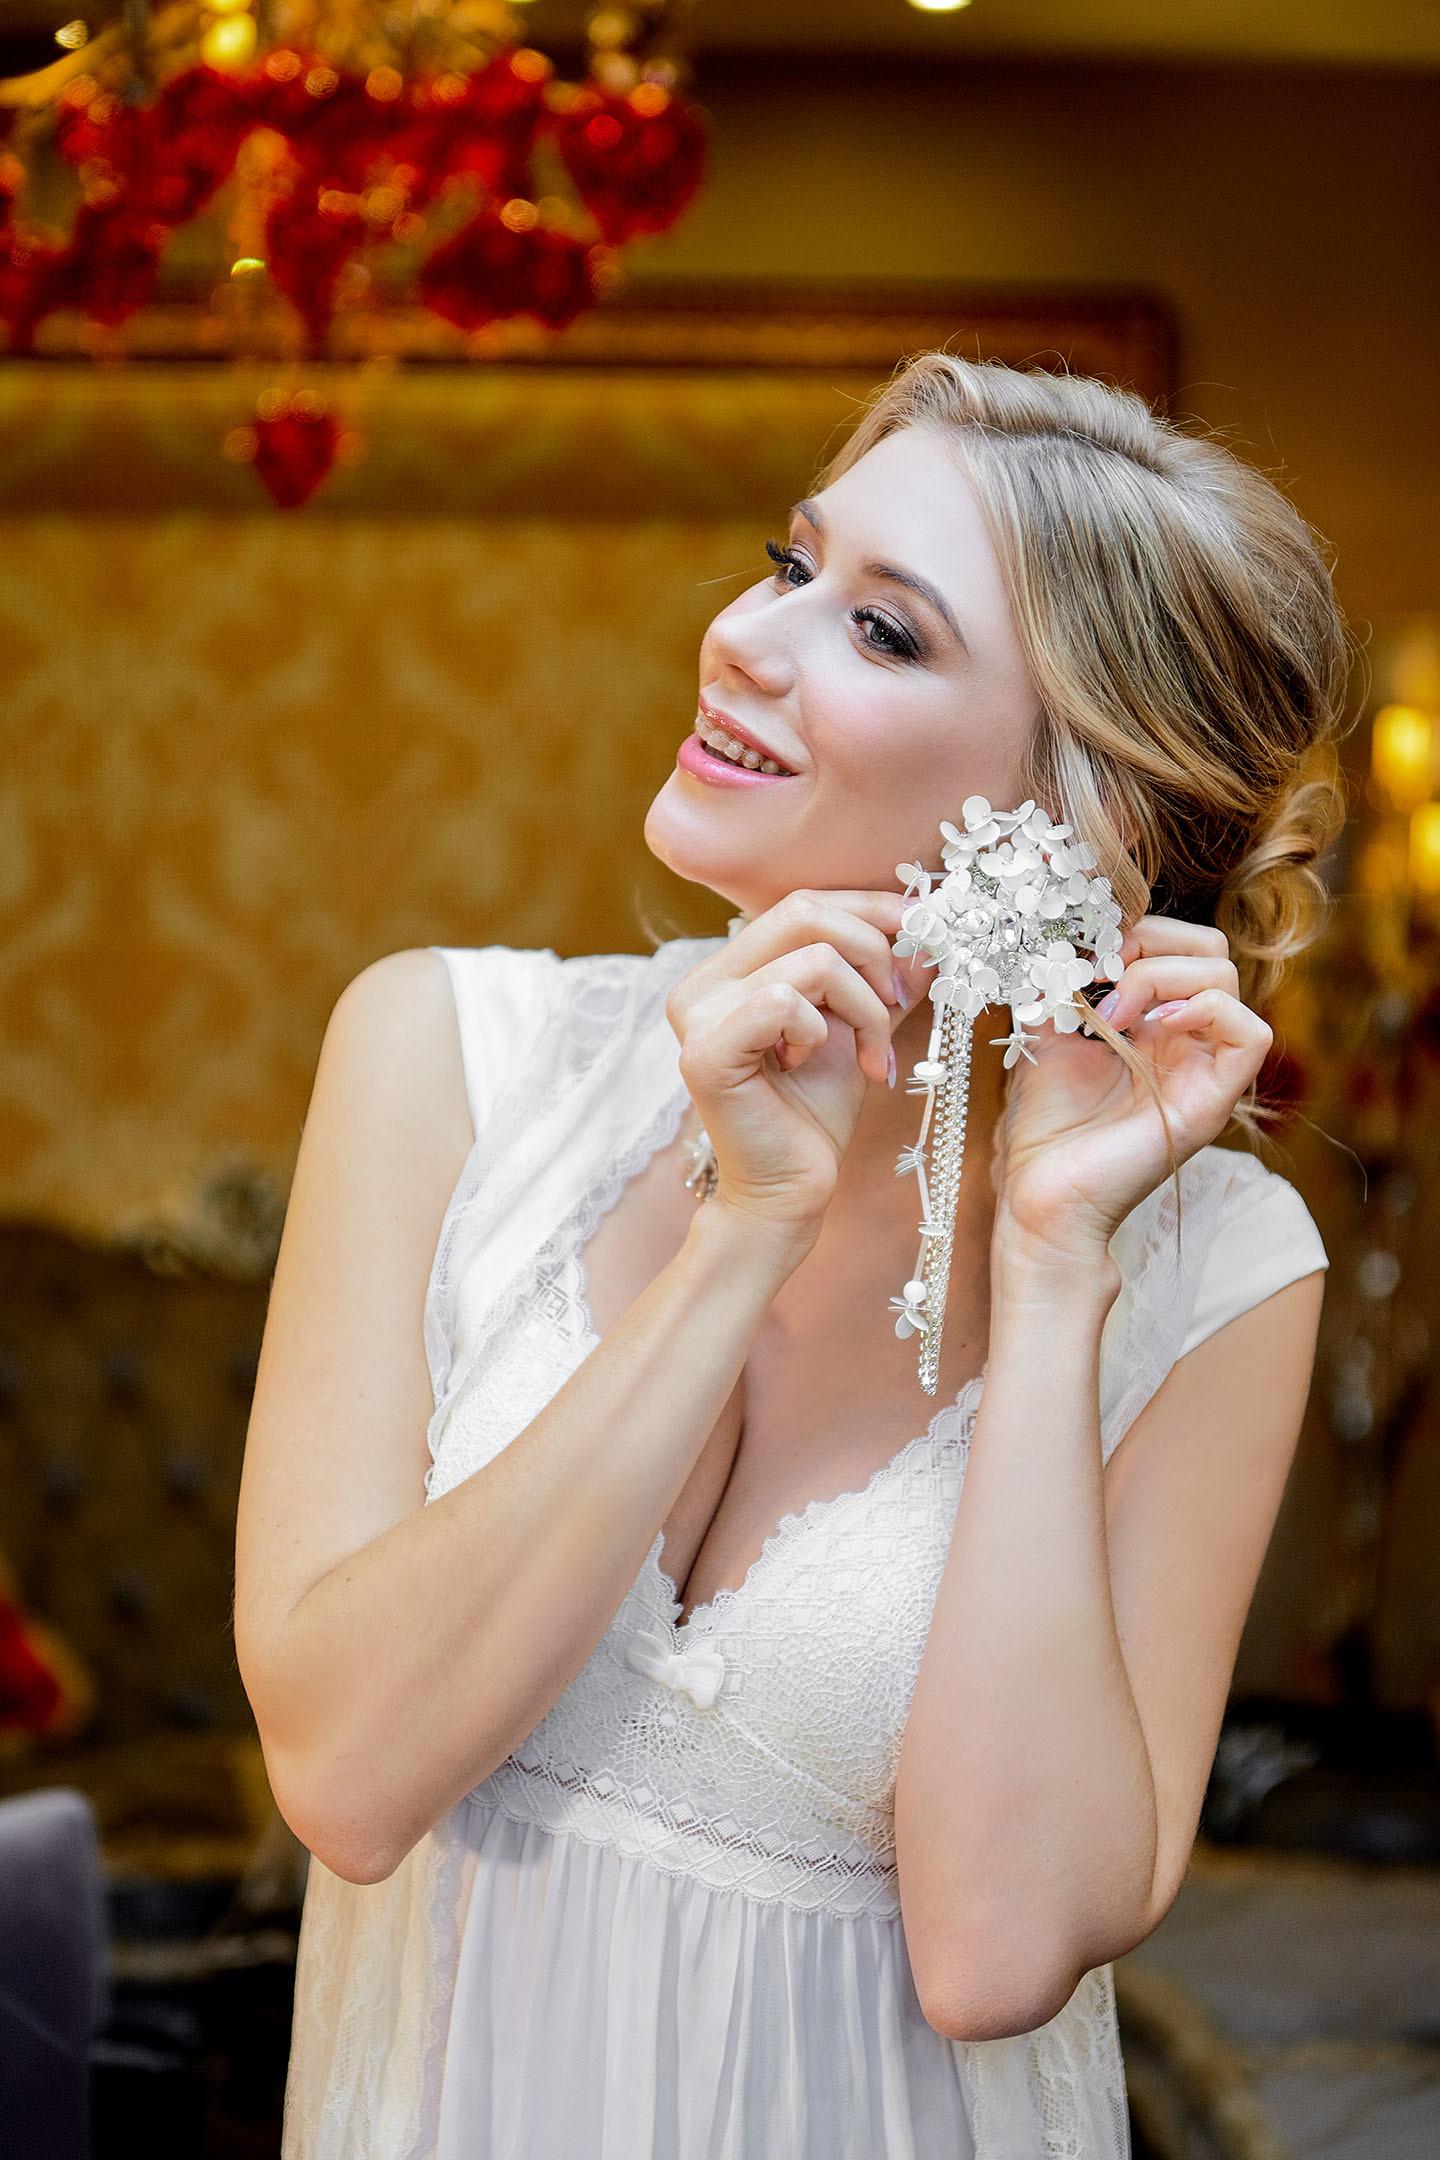 Совместное утро жениха и невесты в отеле, свадебный фотограф спб